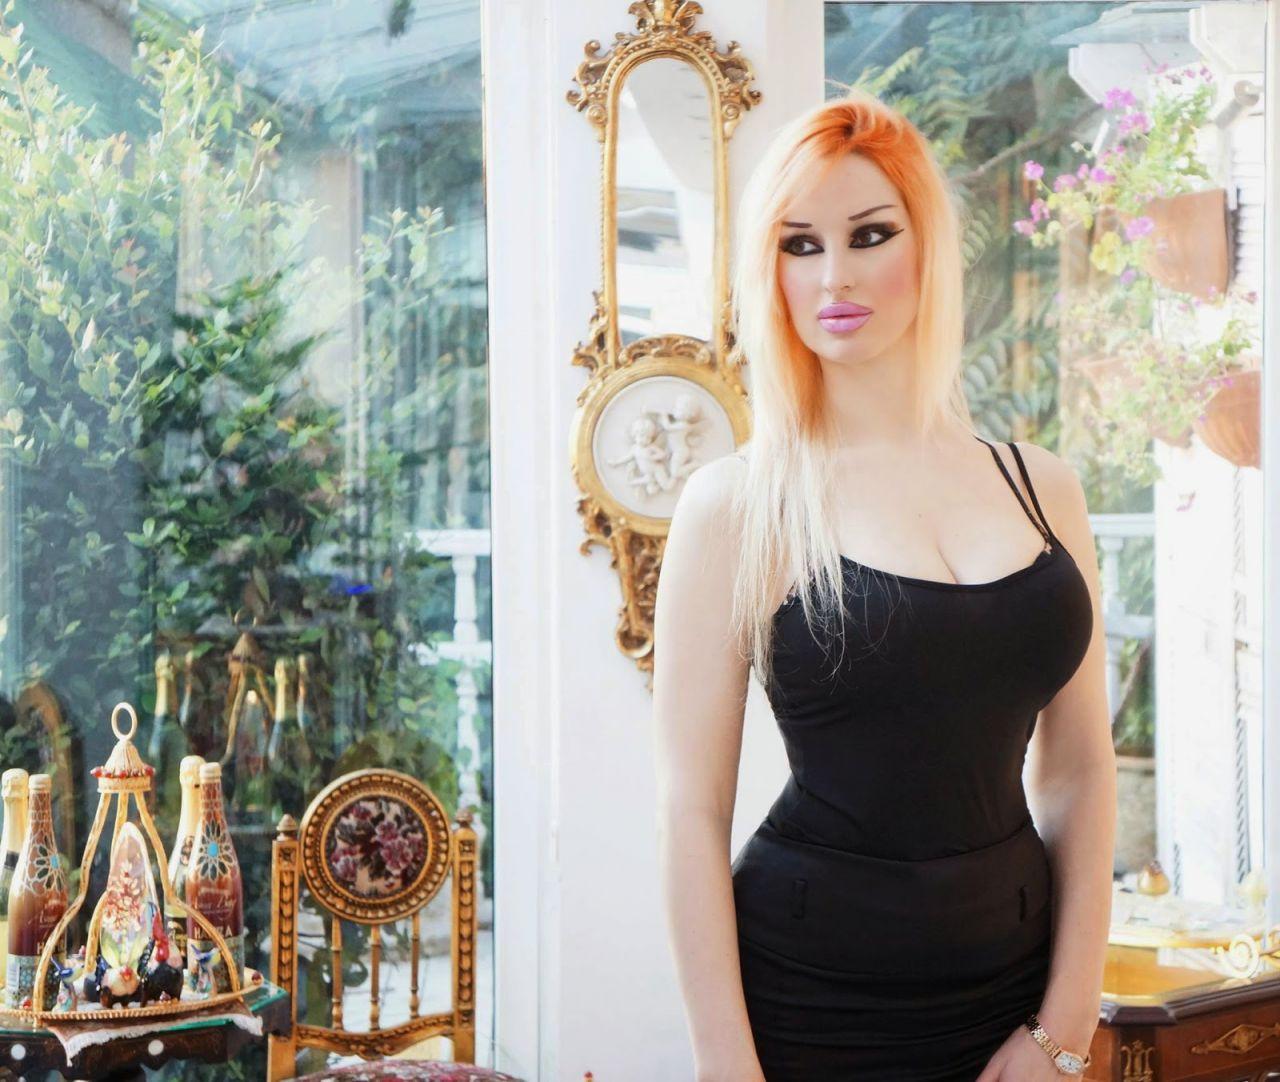 Kedicik mahkemede Adnan Oktar'ın cinsel hayatını övdü! Merve Büyükbayrak için şok talep! - Sayfa 3